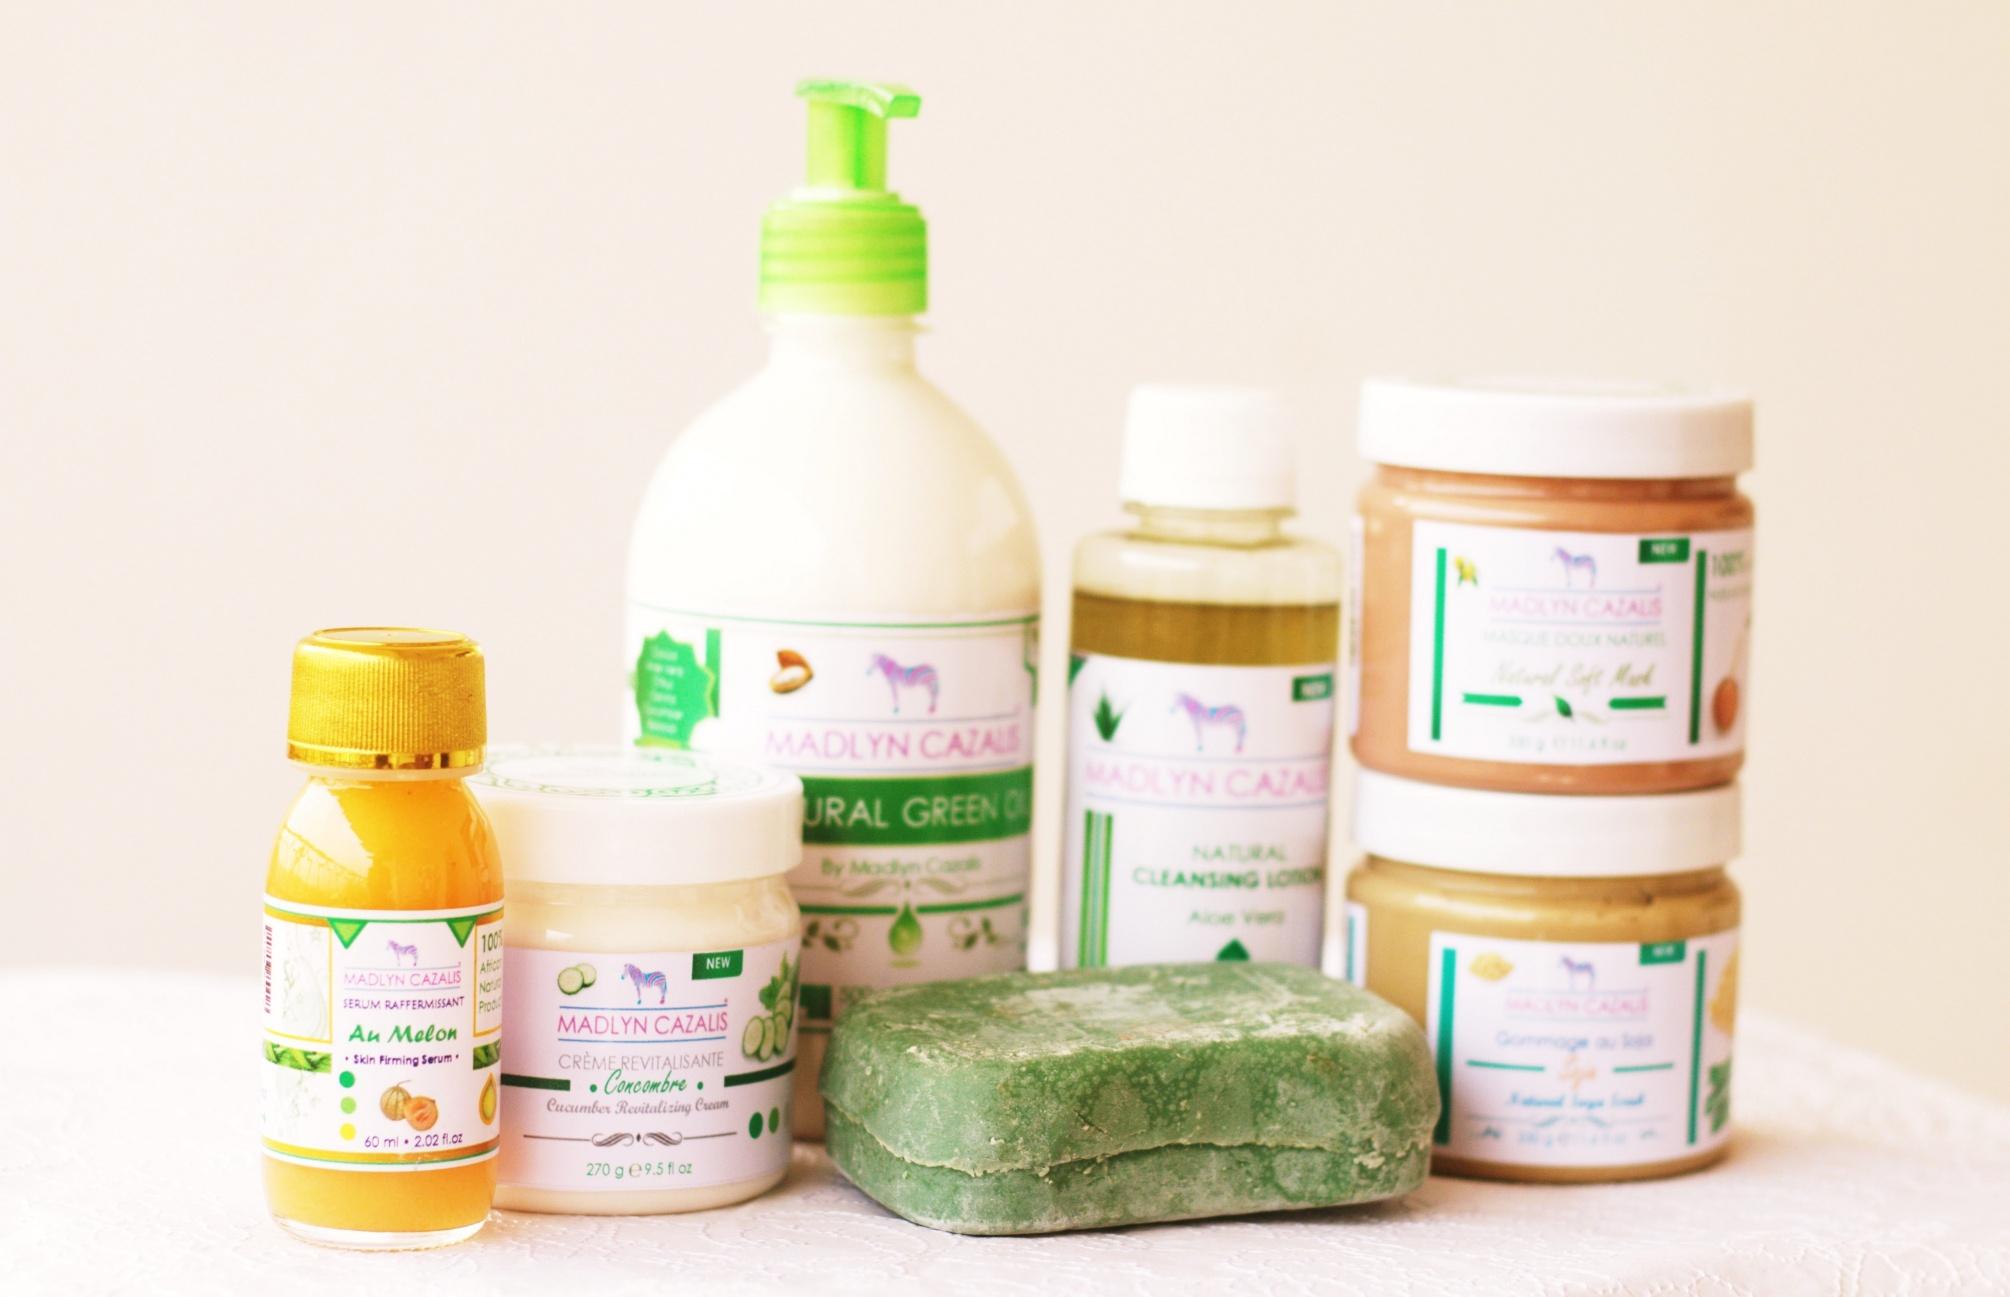 Full range 100% Natural(7 items)